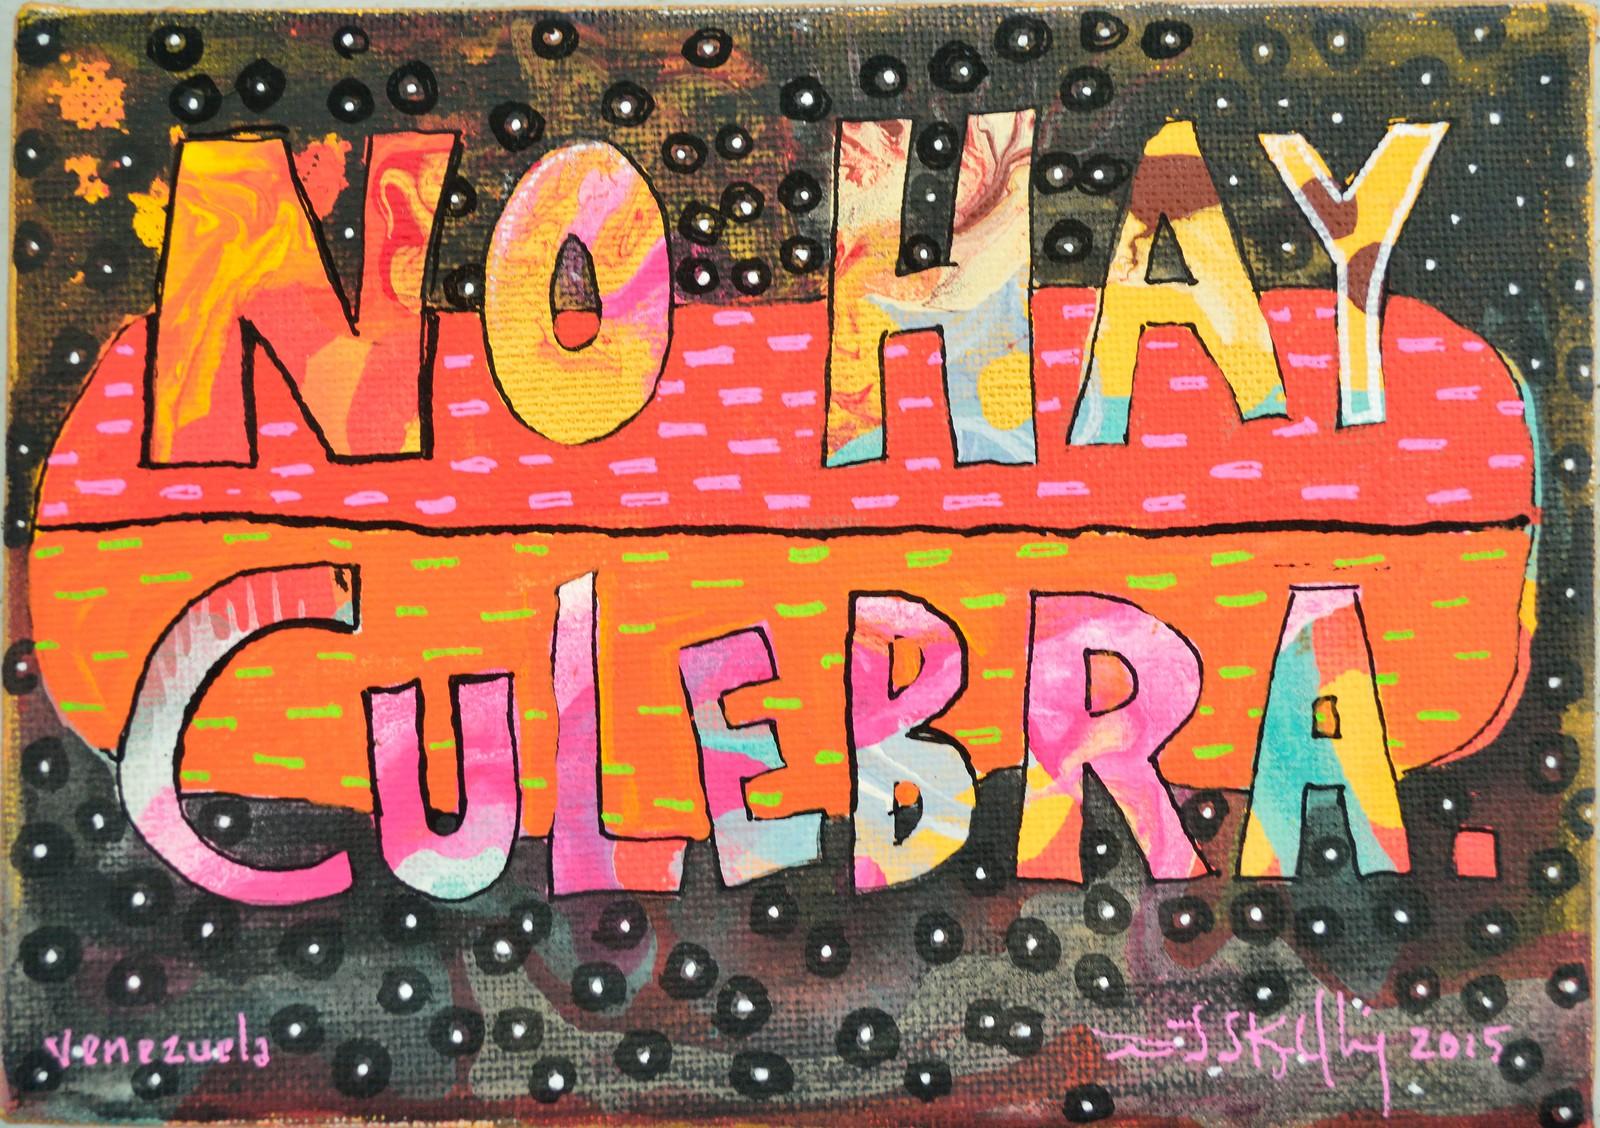 No Hay Culebra